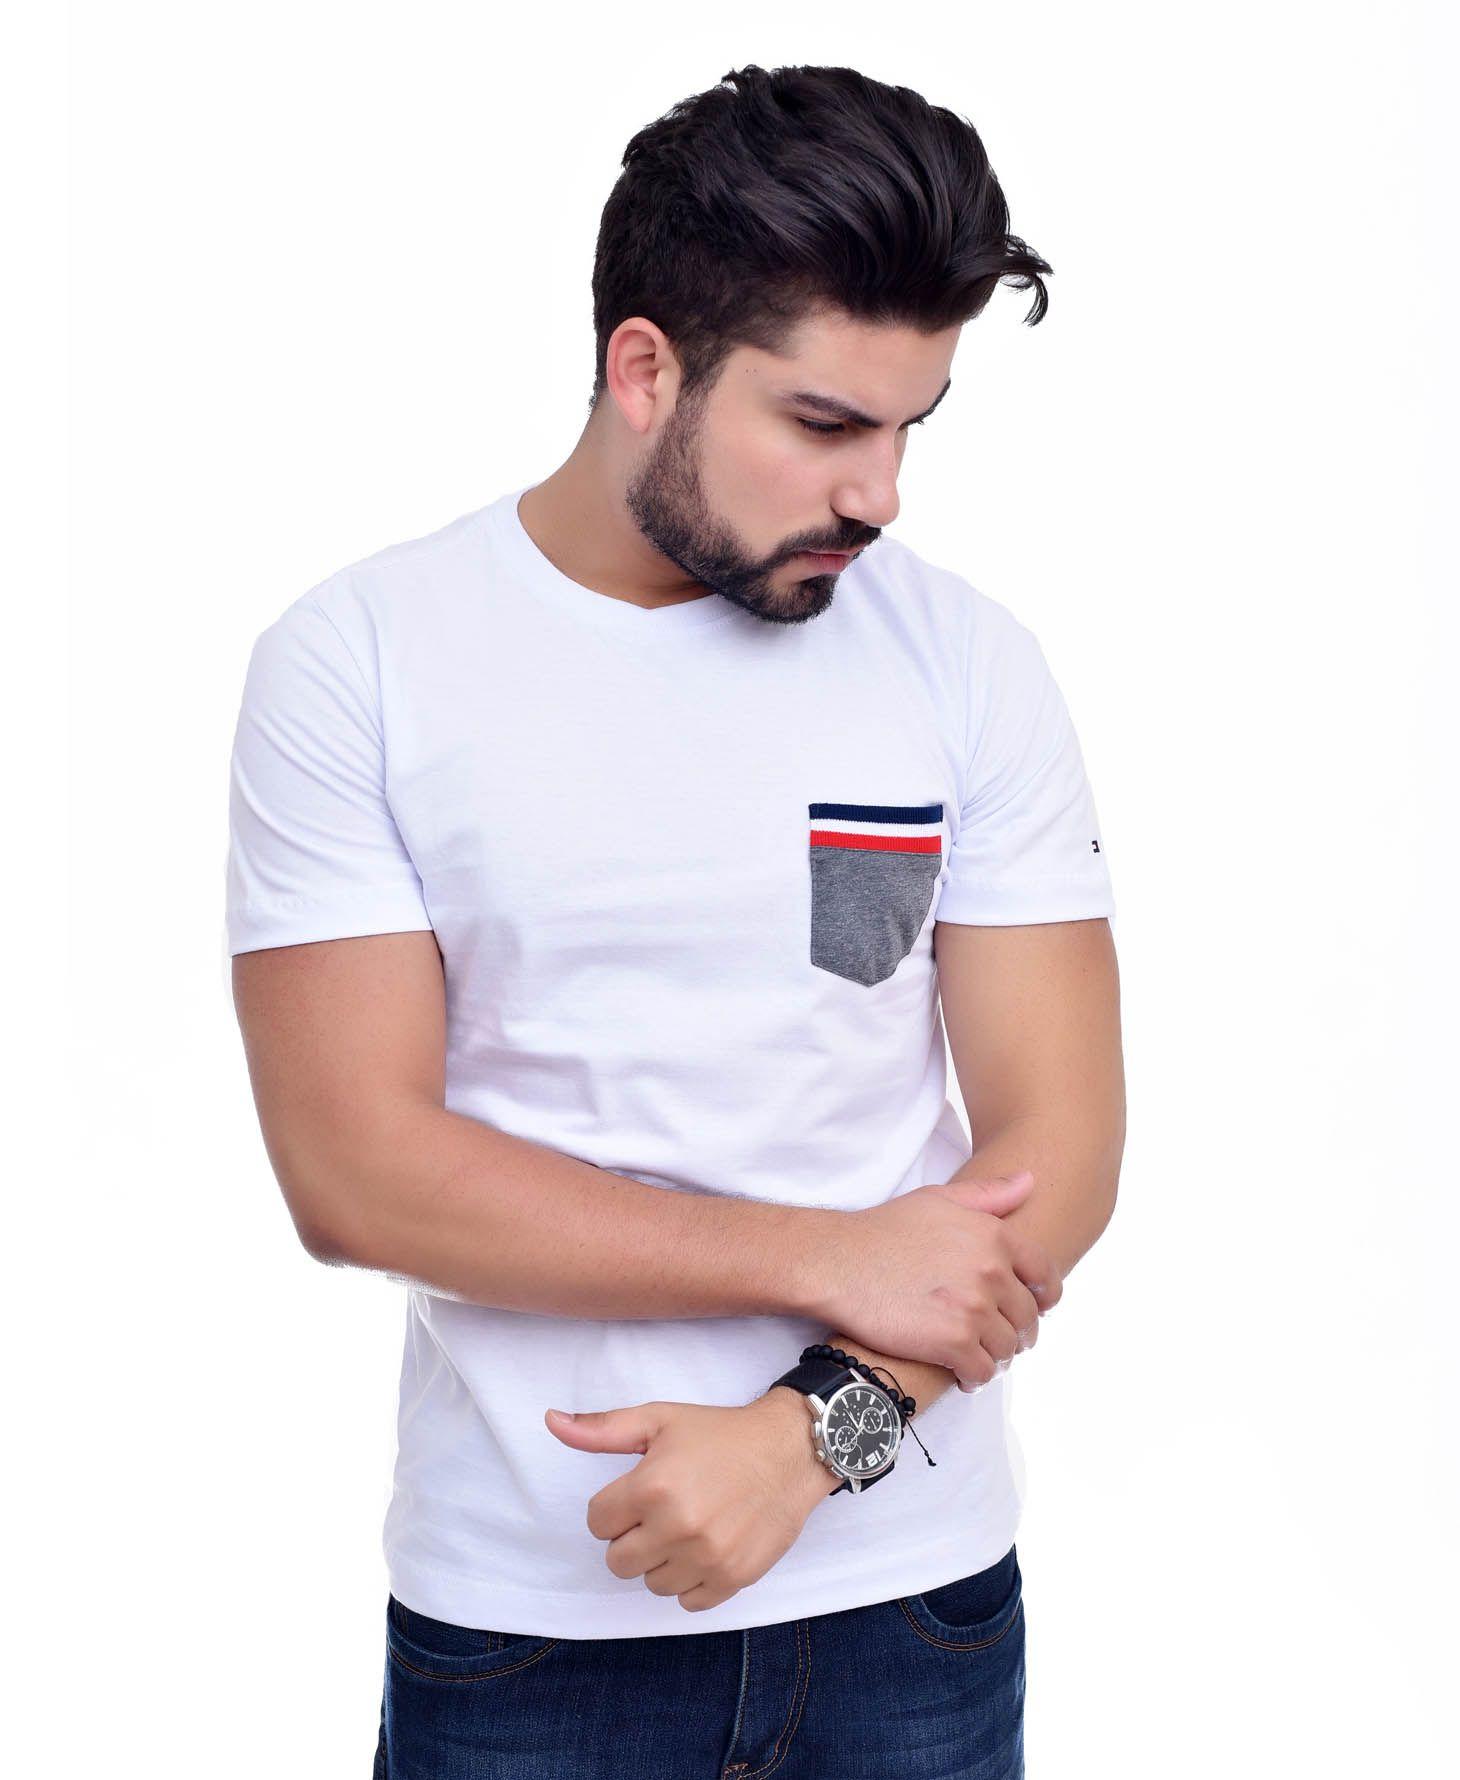 Camiseta Bolso TH Branco / Mescla Escuro